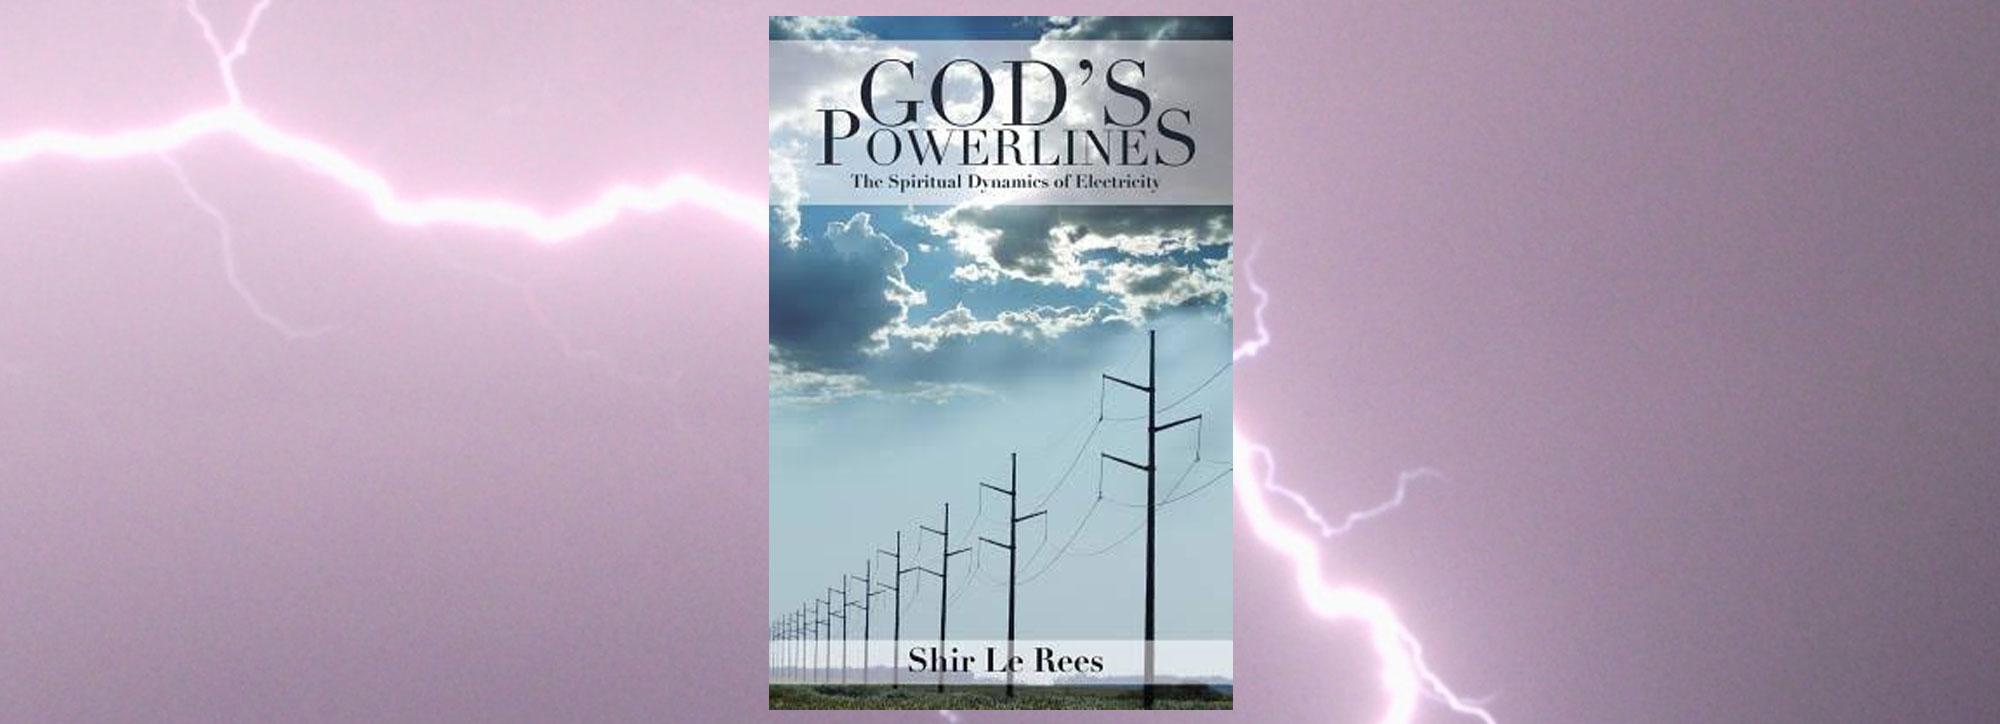 God's Powerlines